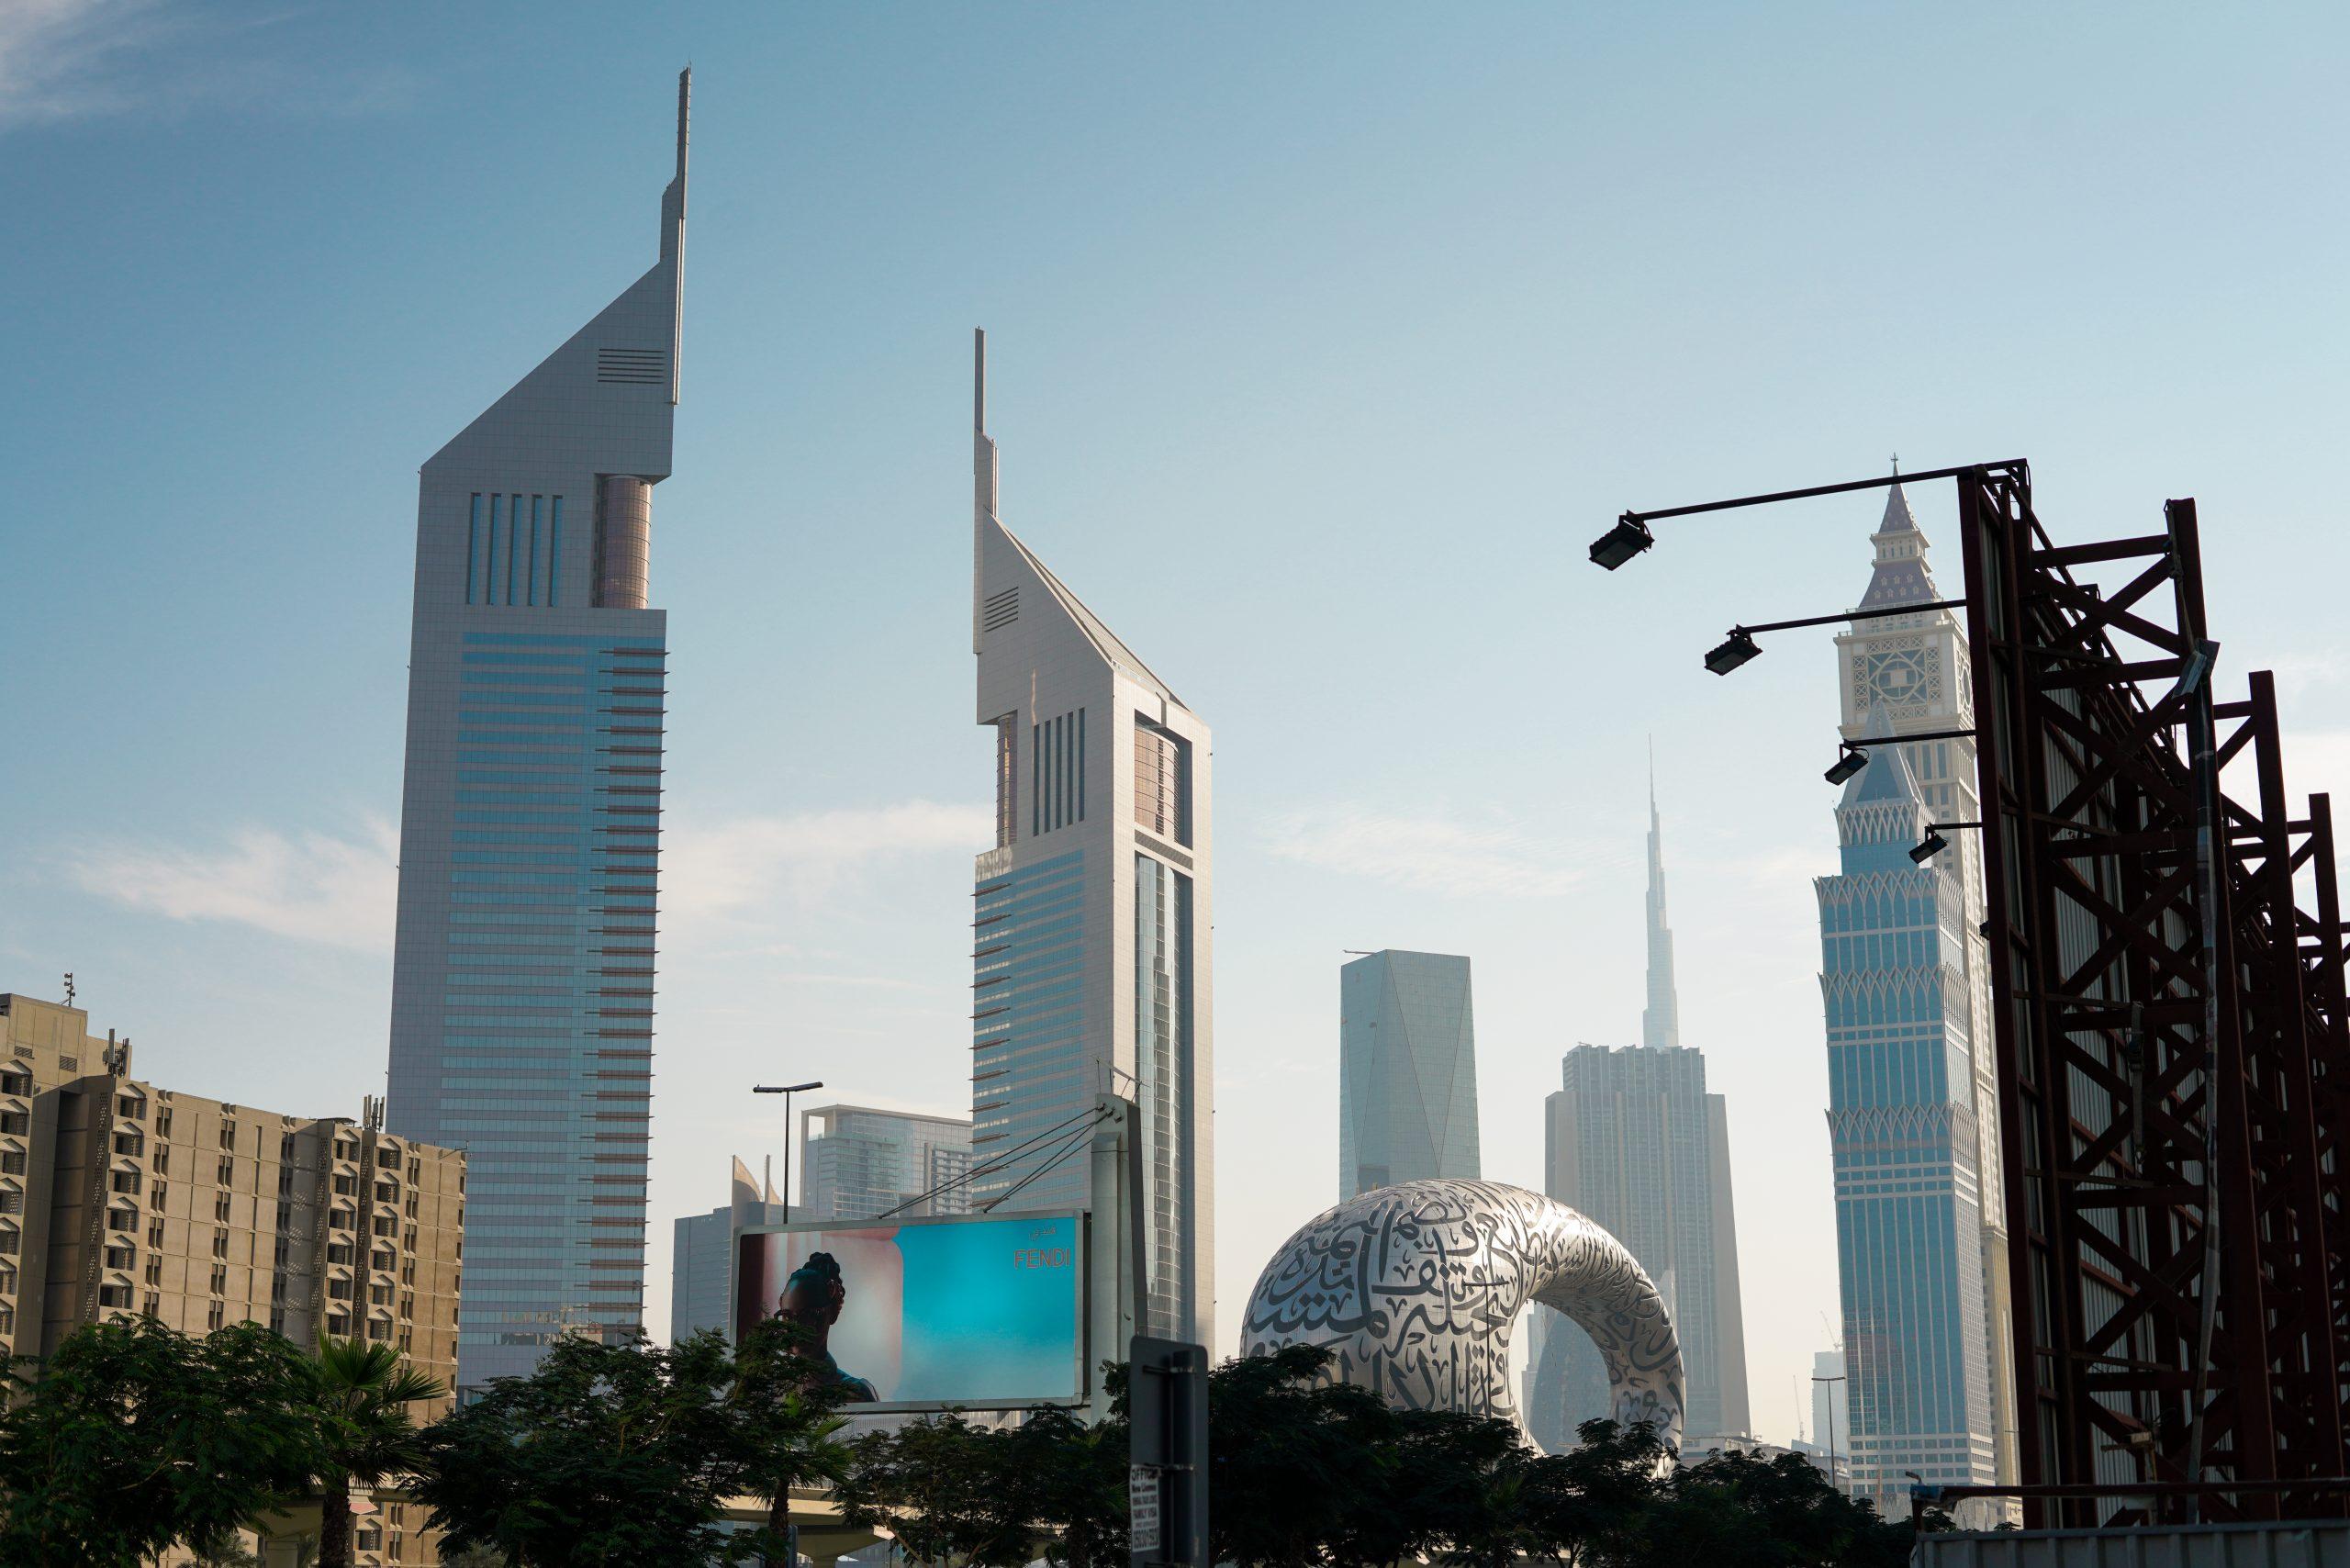 Architecture of Dubai